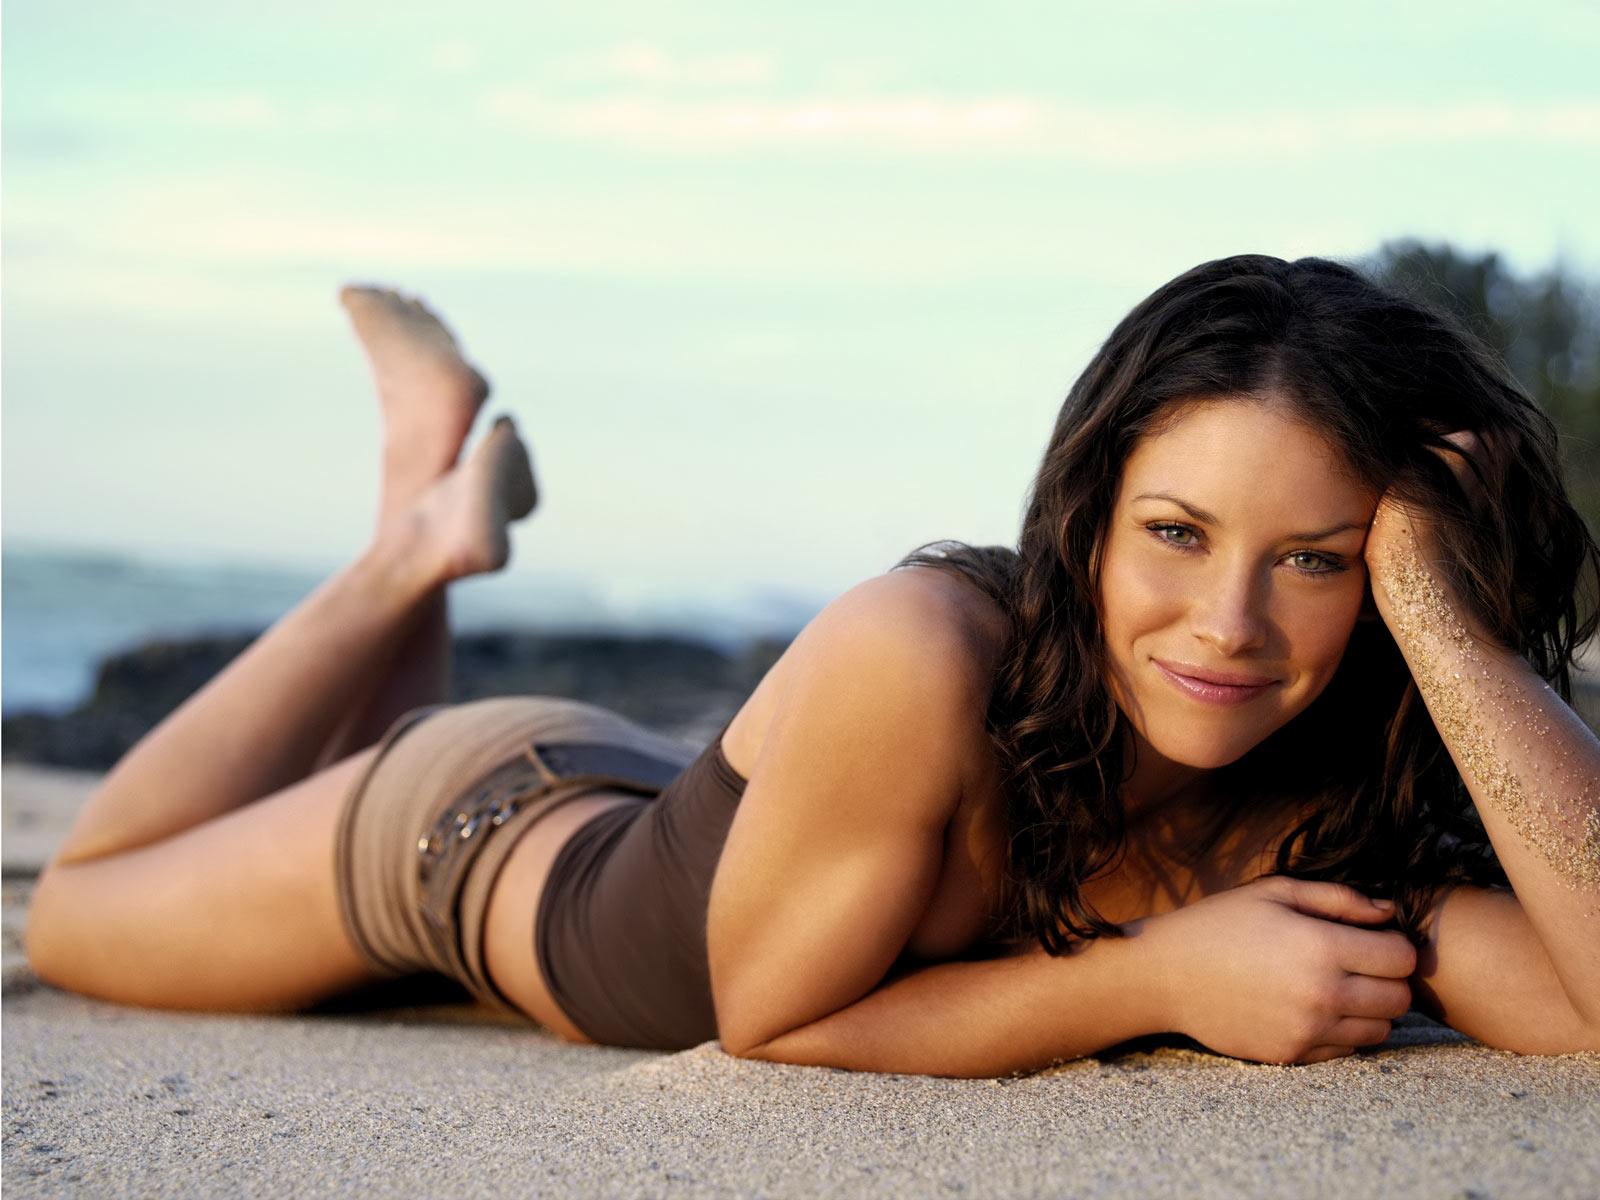 Evangeline Lilly en débardeur et mini-short sur la plage